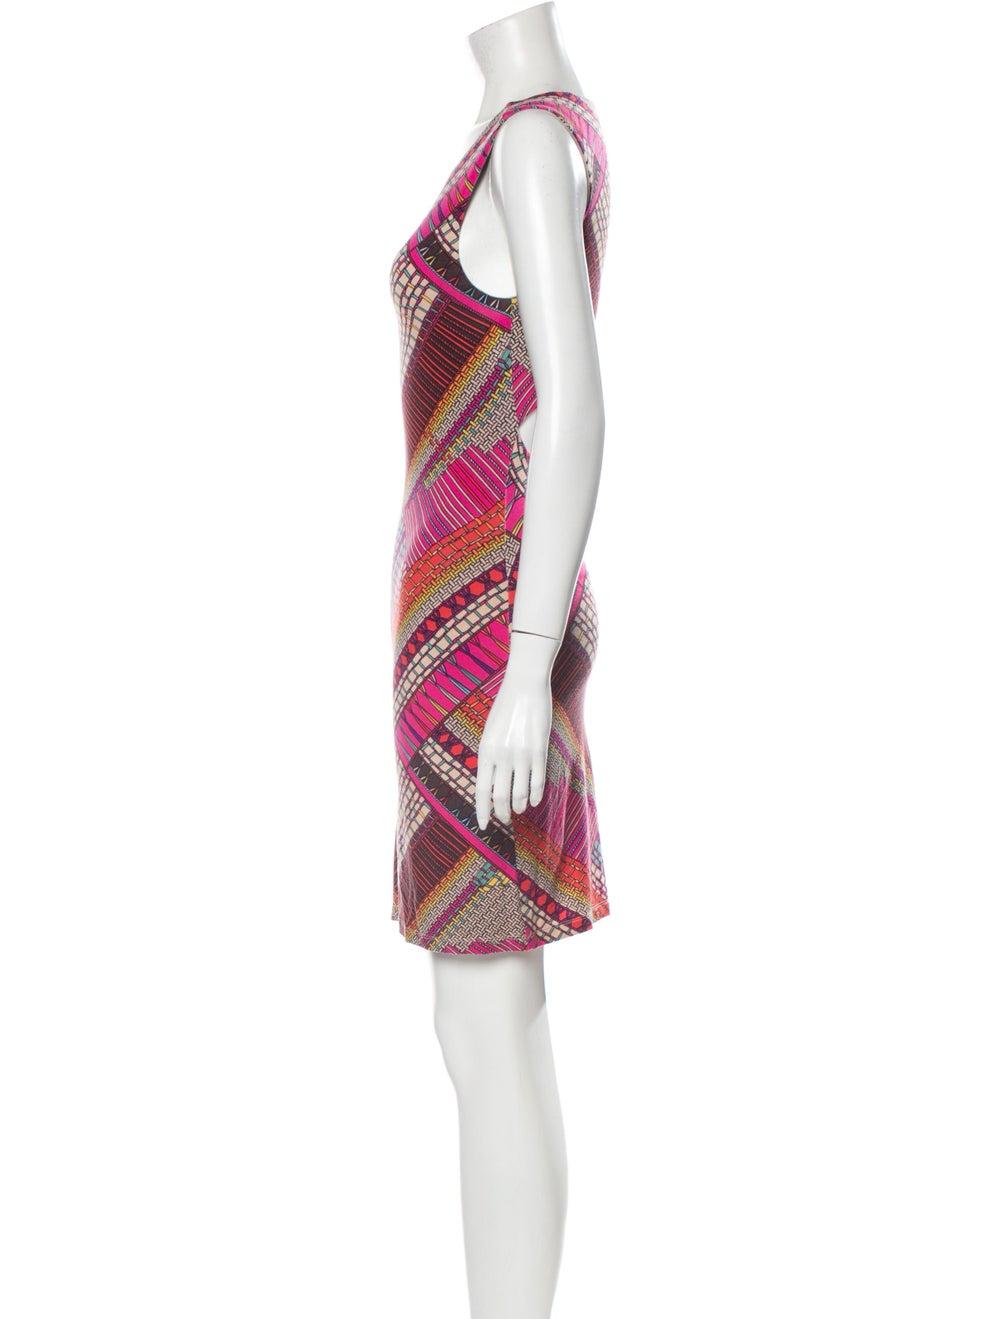 Mara Hoffman Printed Mini Dress Pink - image 2